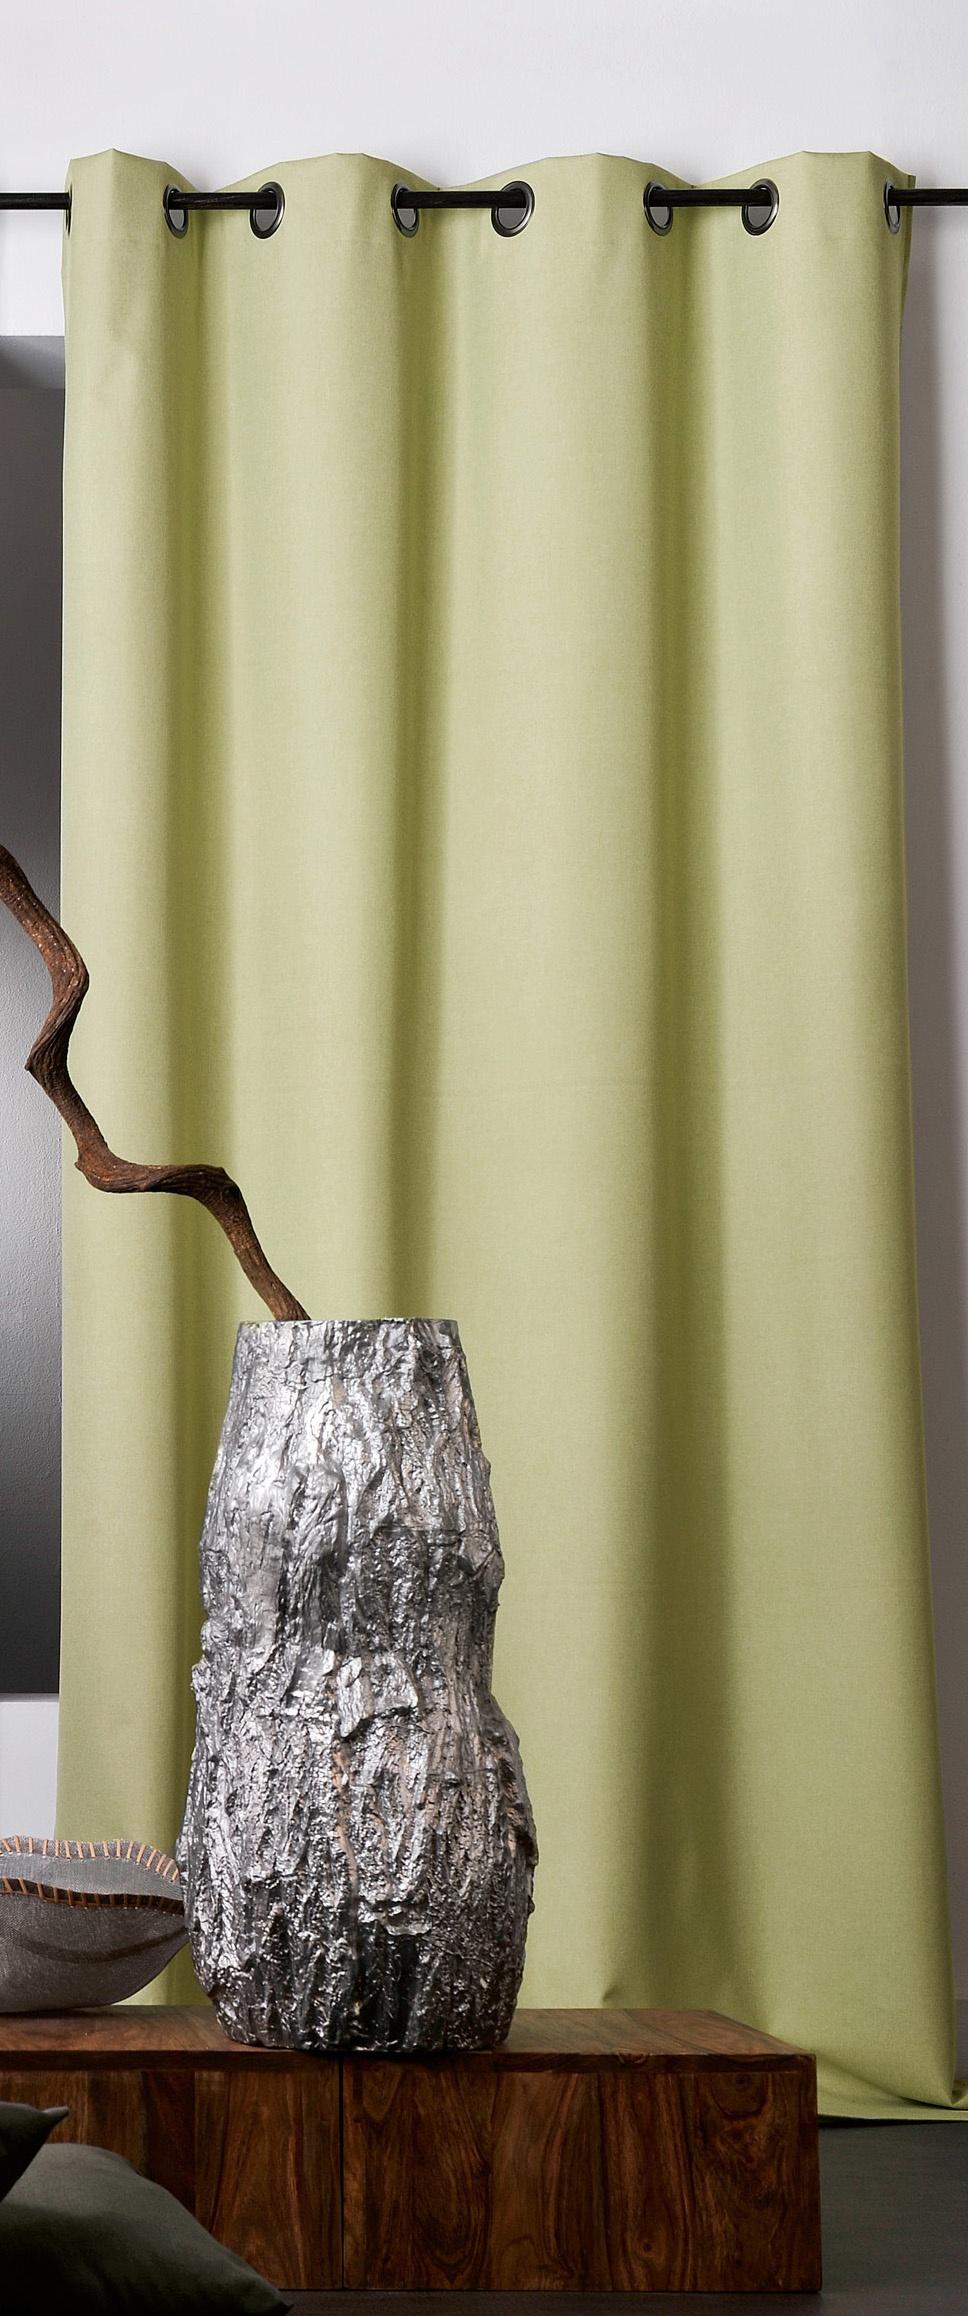 rideau uni occultant avec oeillets vert gris fonc gris clair ficelle beige. Black Bedroom Furniture Sets. Home Design Ideas